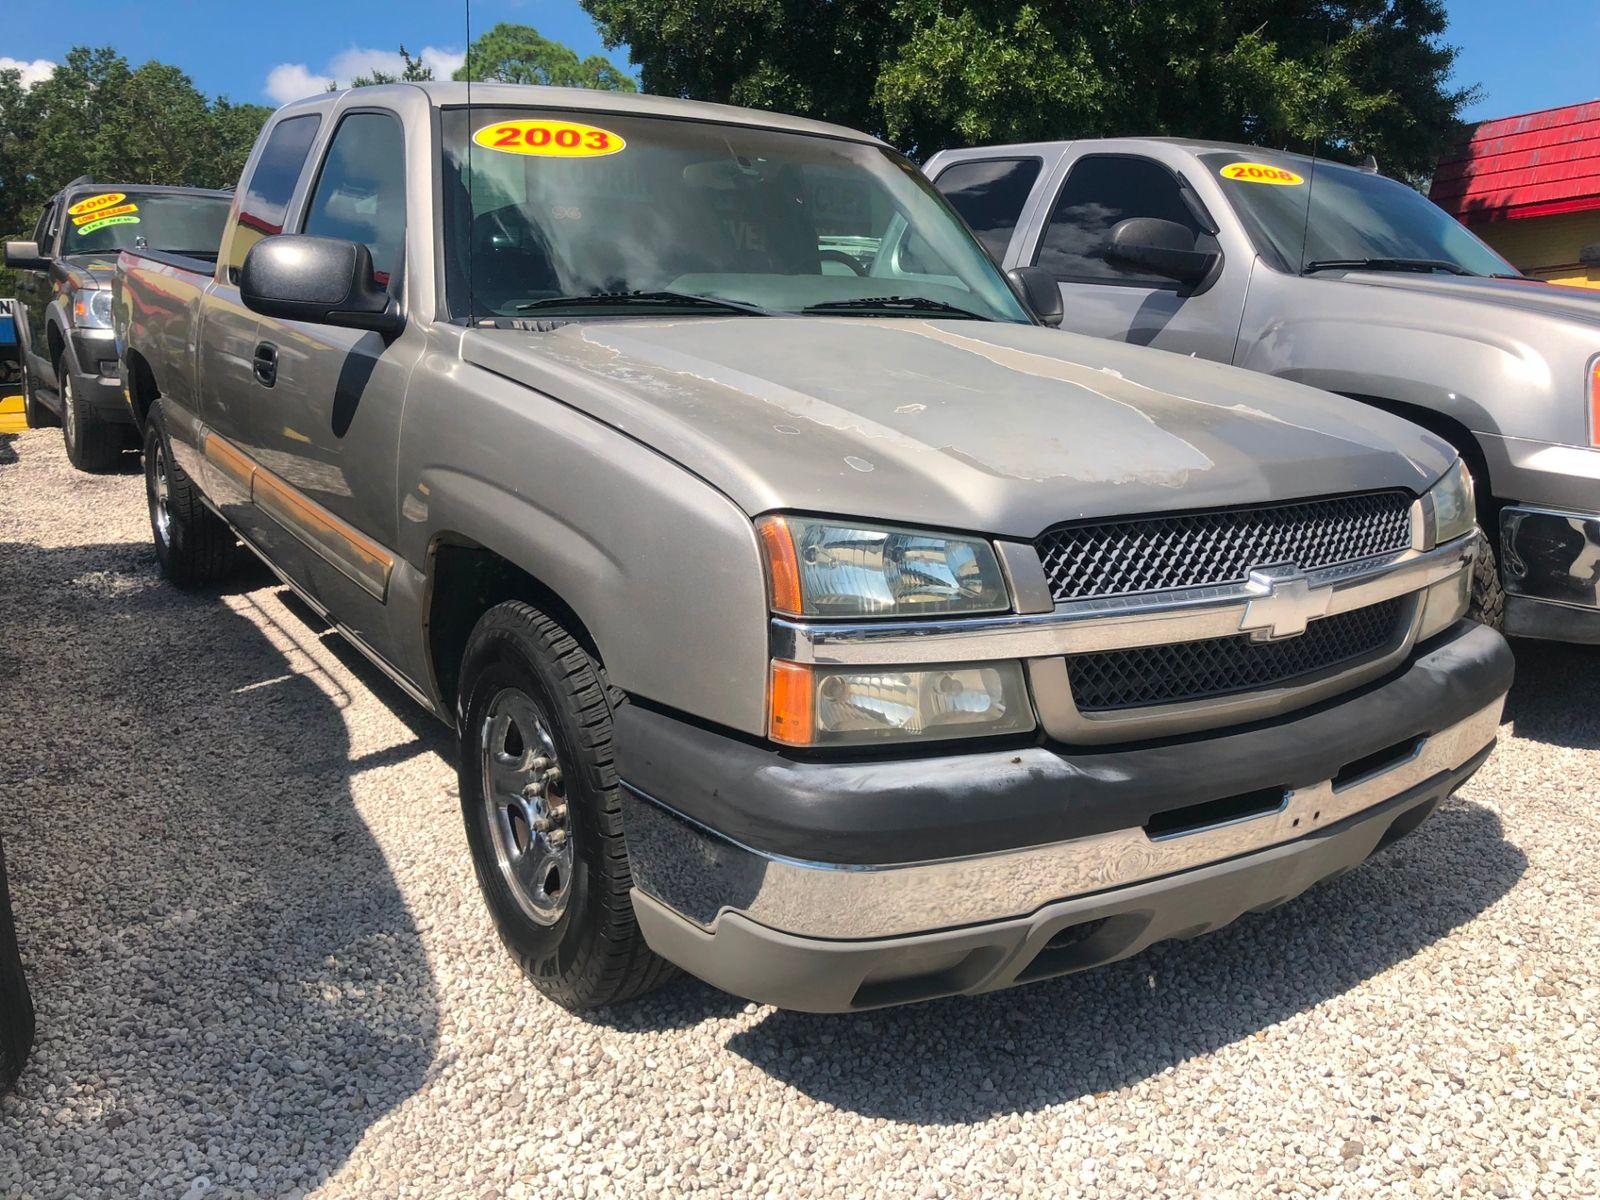 2003 Chevrolet Silverado 1500 LS city Florida Automac 2